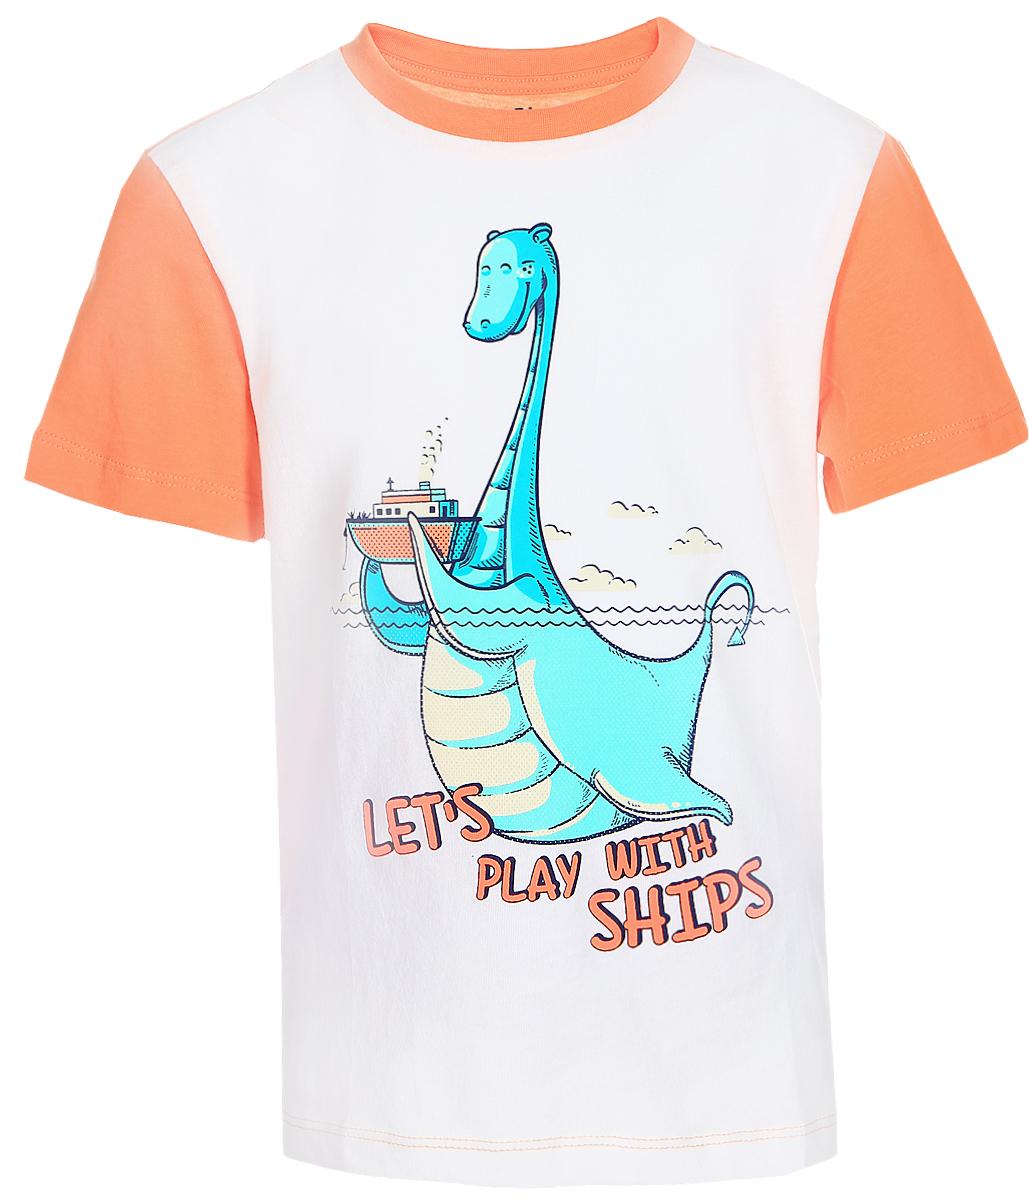 ФутболкаTs-711/189-7213Стильная футболка для мальчика Sela изготовлена из натурального хлопка двух цветов. Полочка оформлена изображением динозавра и надписями. Спинка, рукава и мягкая трикотажная резинка на воротнике выполнены из материала контрастного цвета. Яркий цвет модели позволяет создавать модные образы.